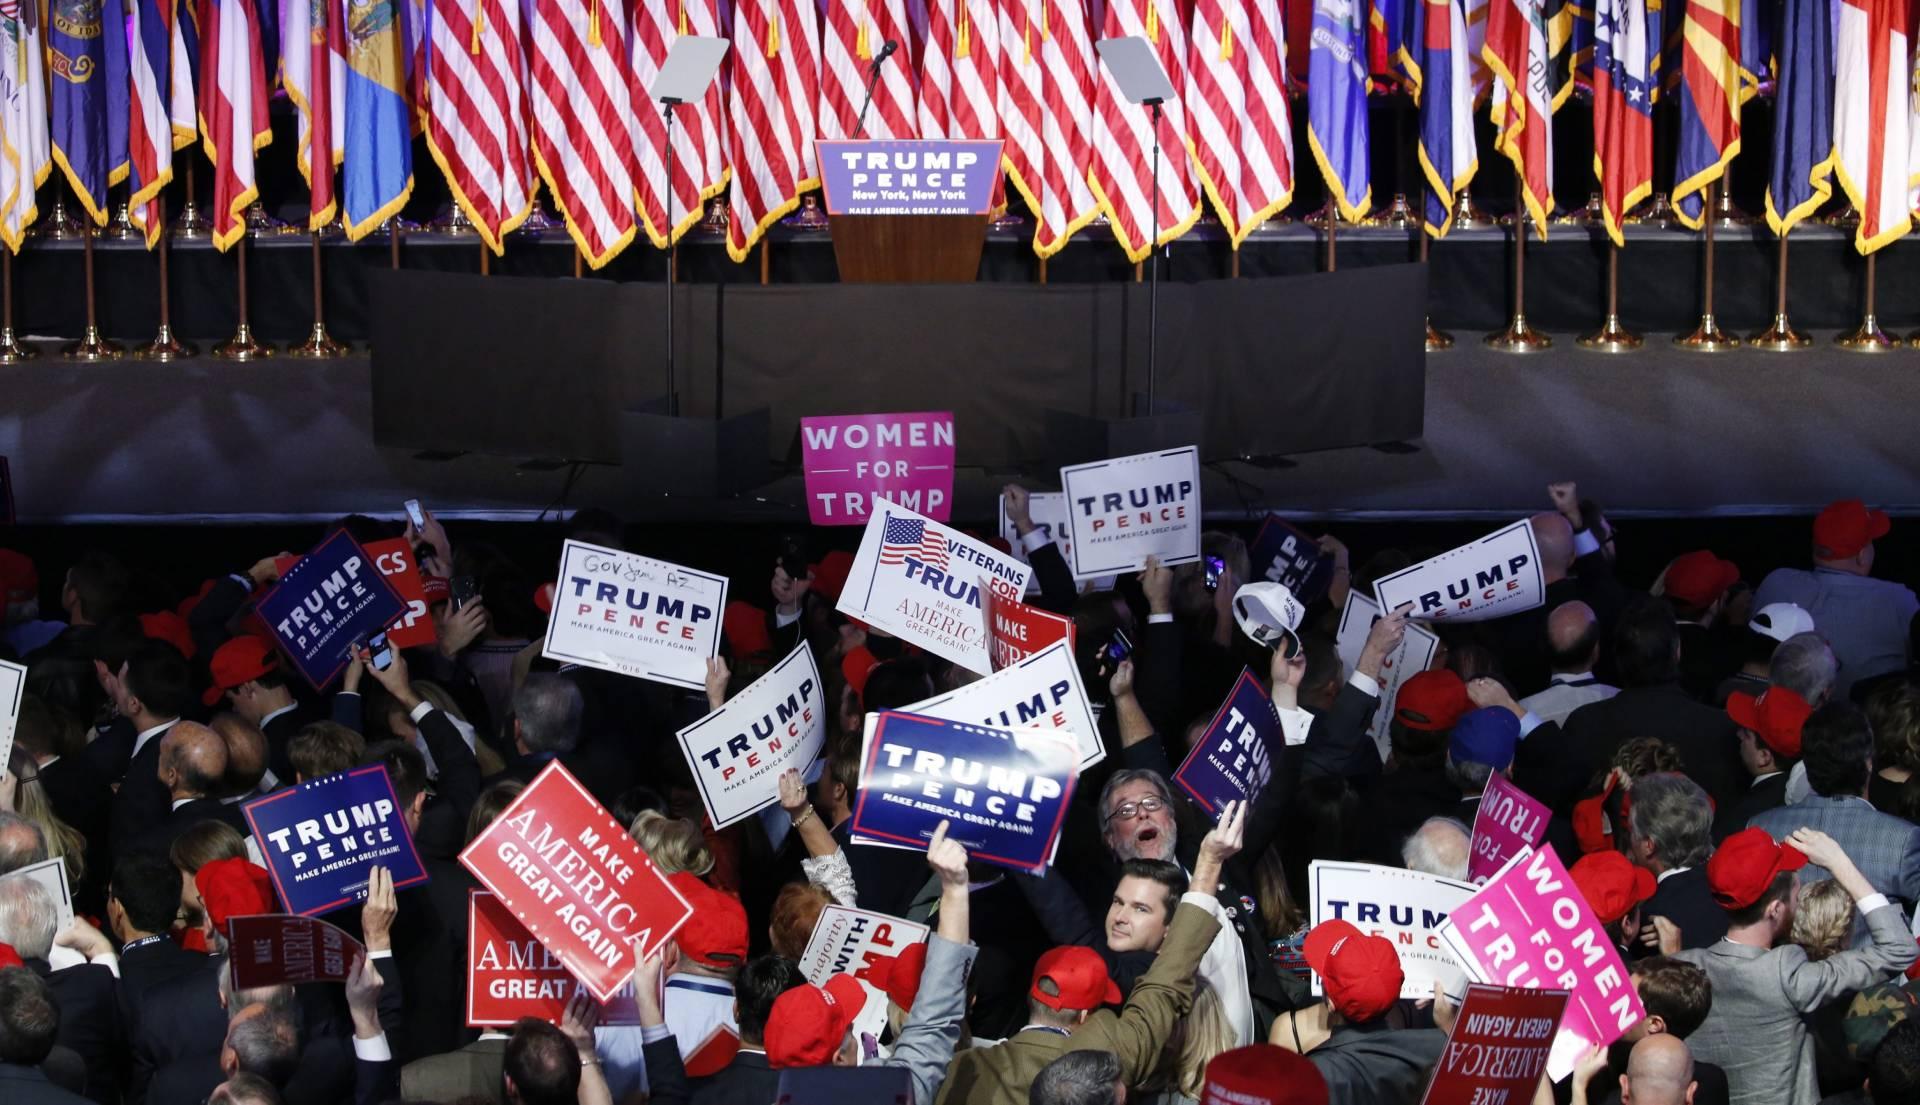 Seguidores de Donald Trump celebran la previsible victoria del candidato republicano a la presidencia de EEUU.